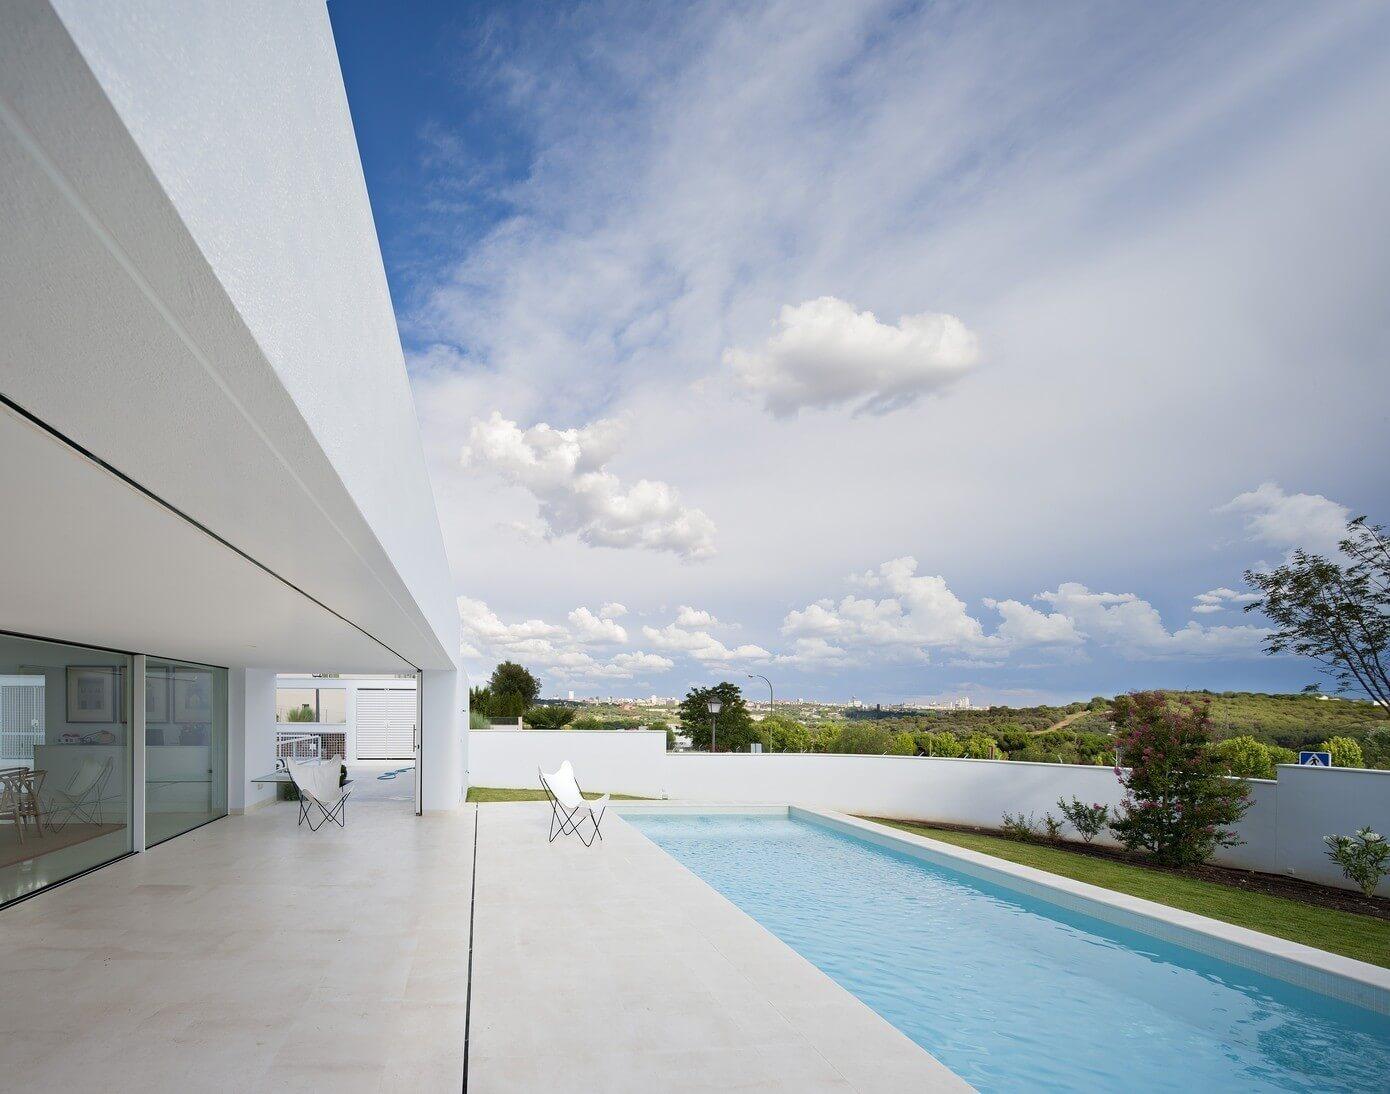 cala house by alberto campo baeza homeadore